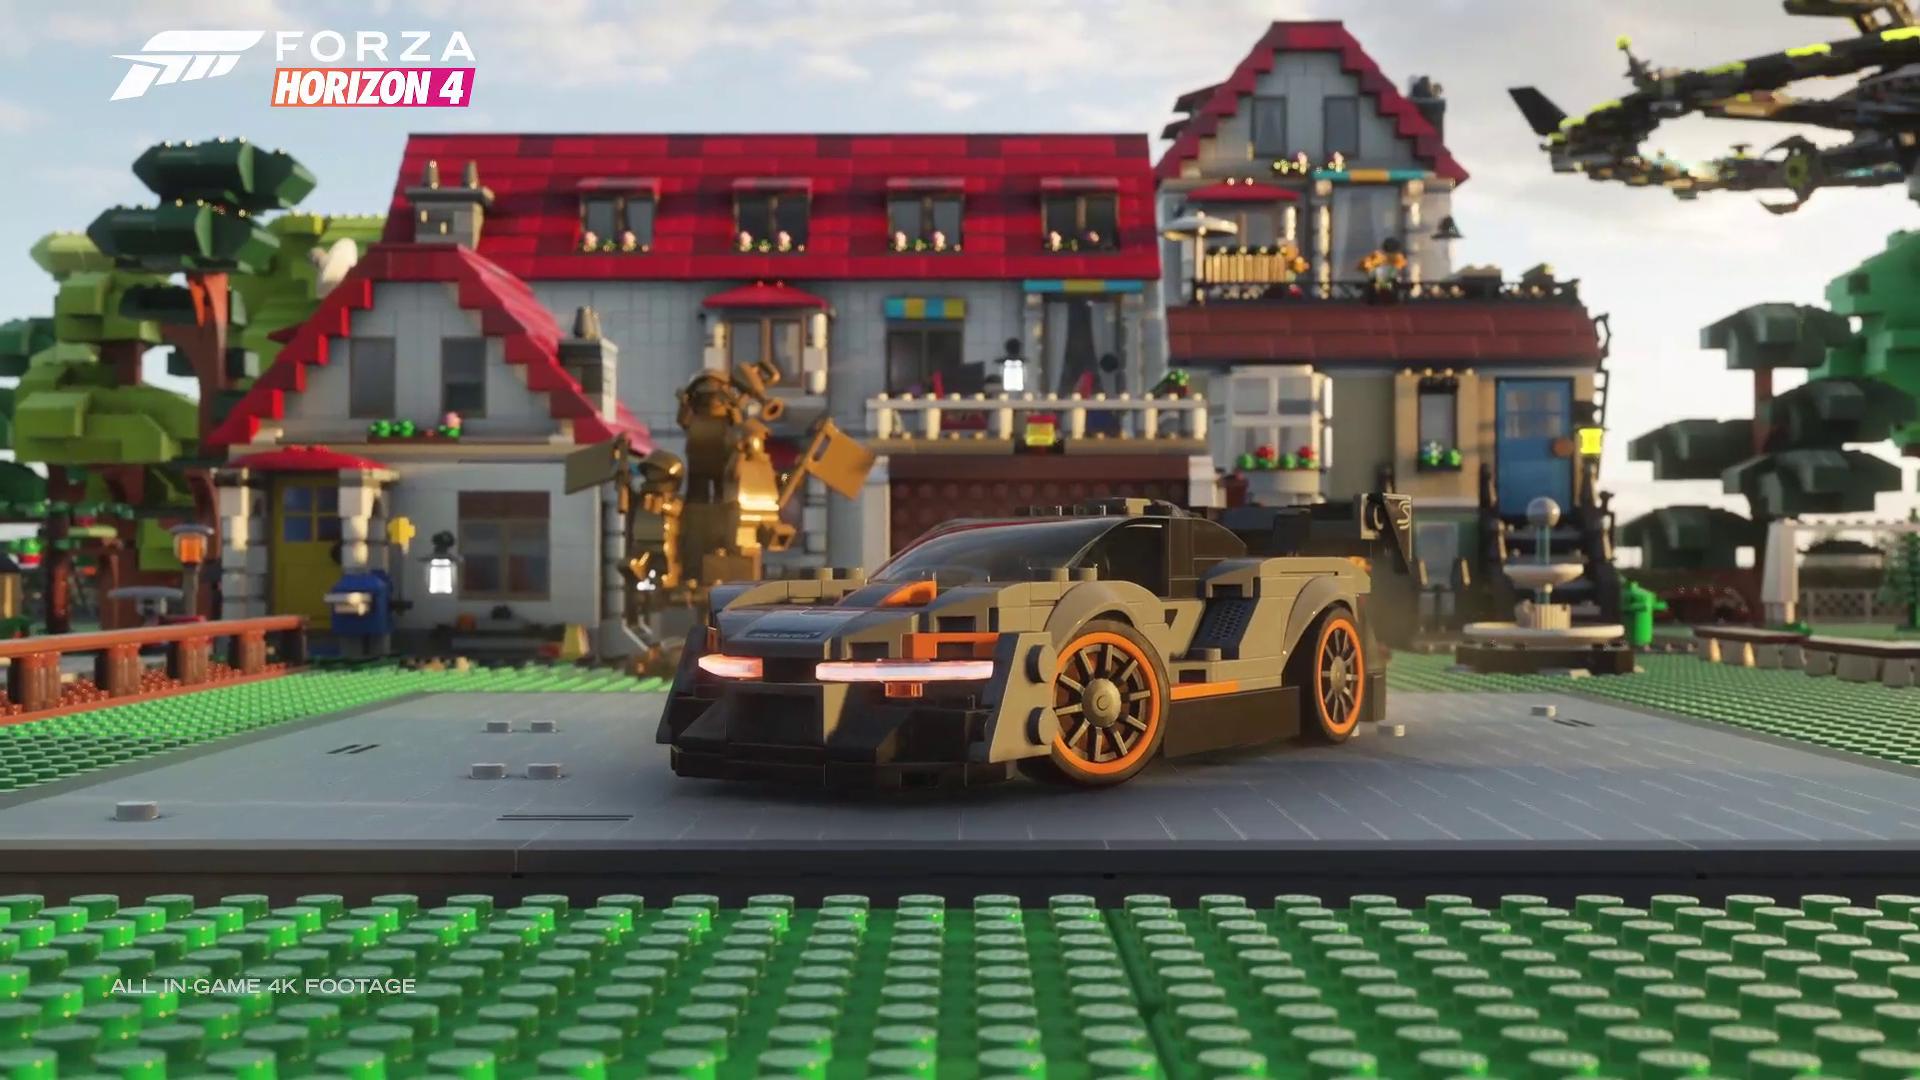 Forza Horizon 4: Lego Speed Champions trailer from E3 2019